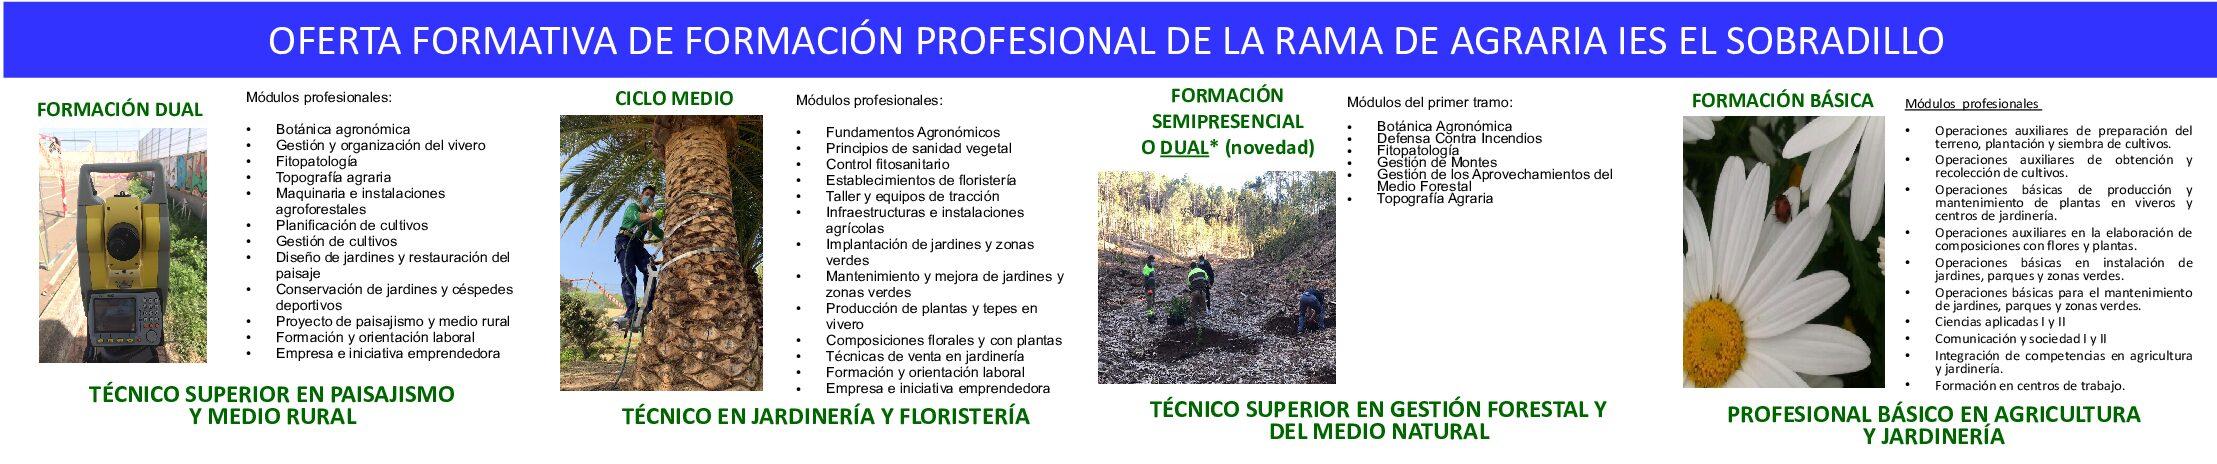 ASOCAN APOYA LA OFERTA FORMATIVA DE FORMACIÓN PROFESIONAL DE LA RAMA DE AGRARIA IES EL SOBRADILLO